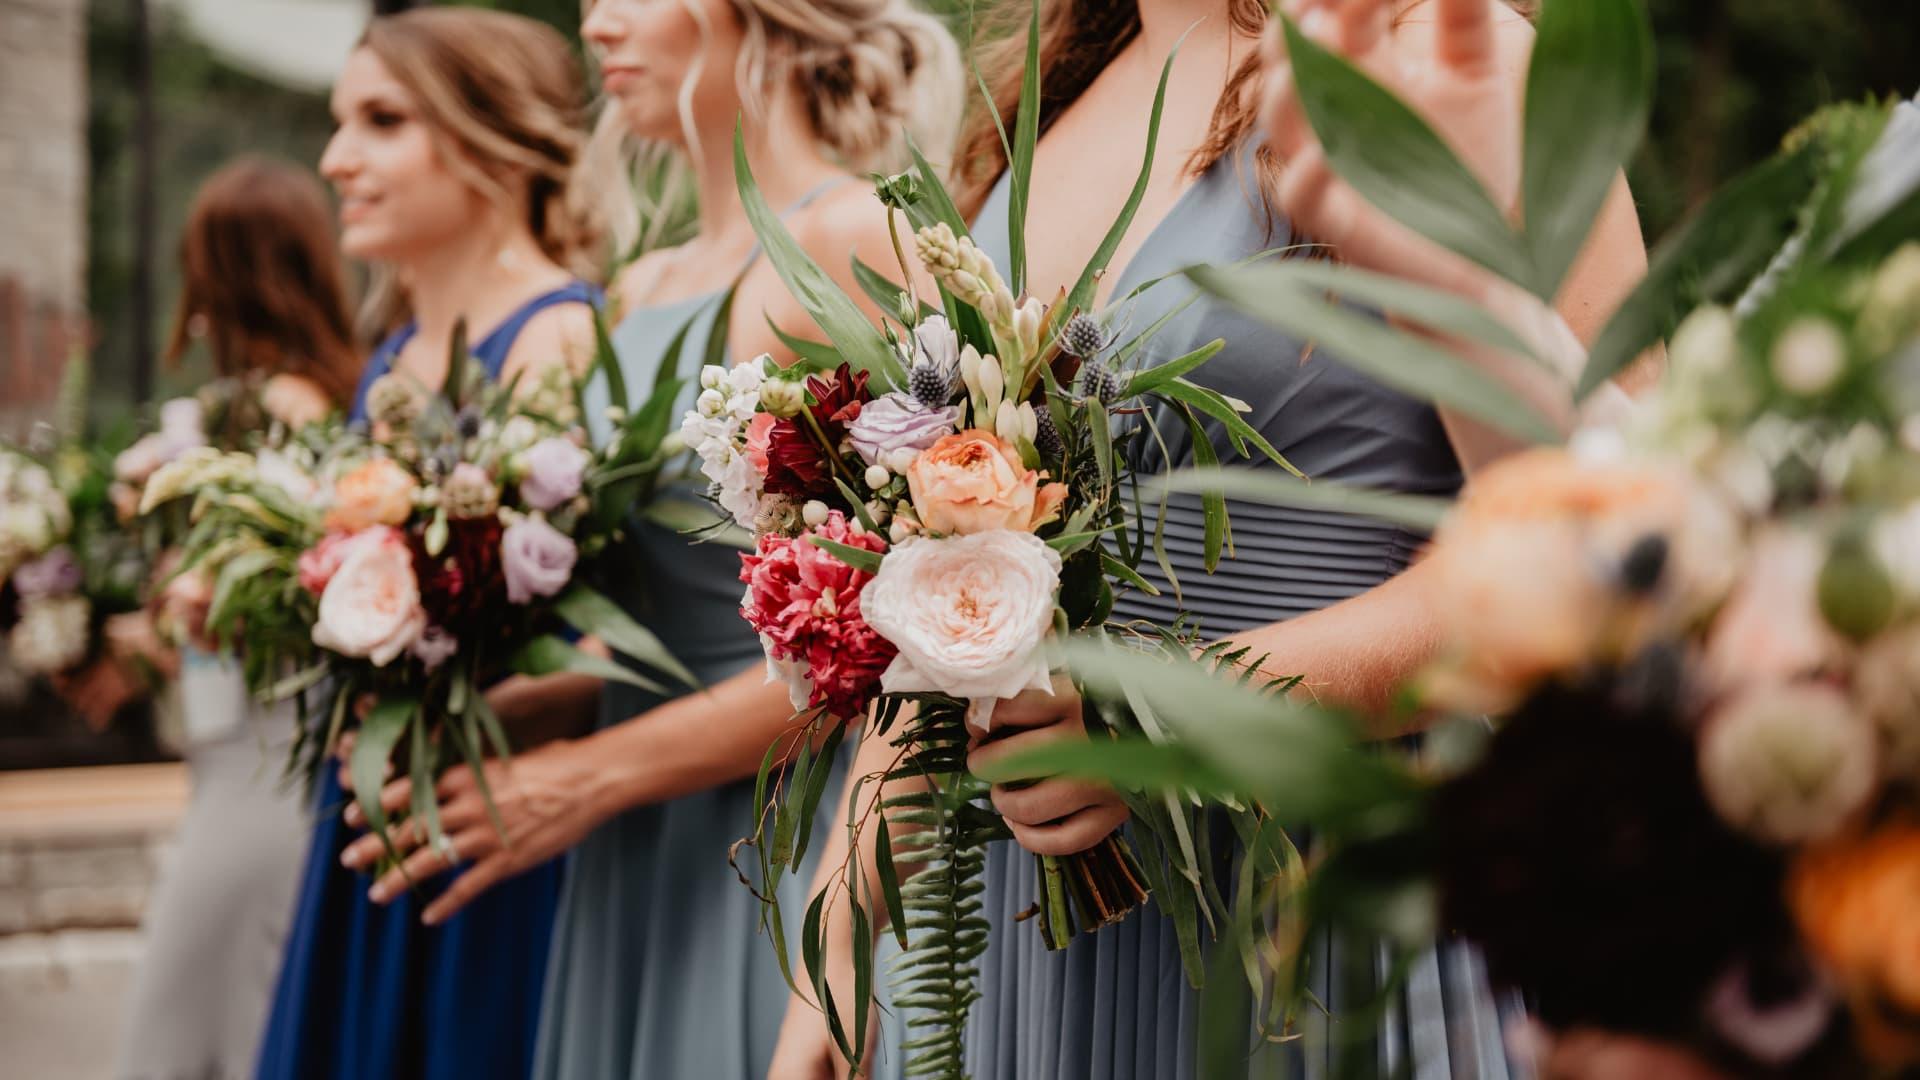 15 responsabilidades de toda dama de honor en la boda